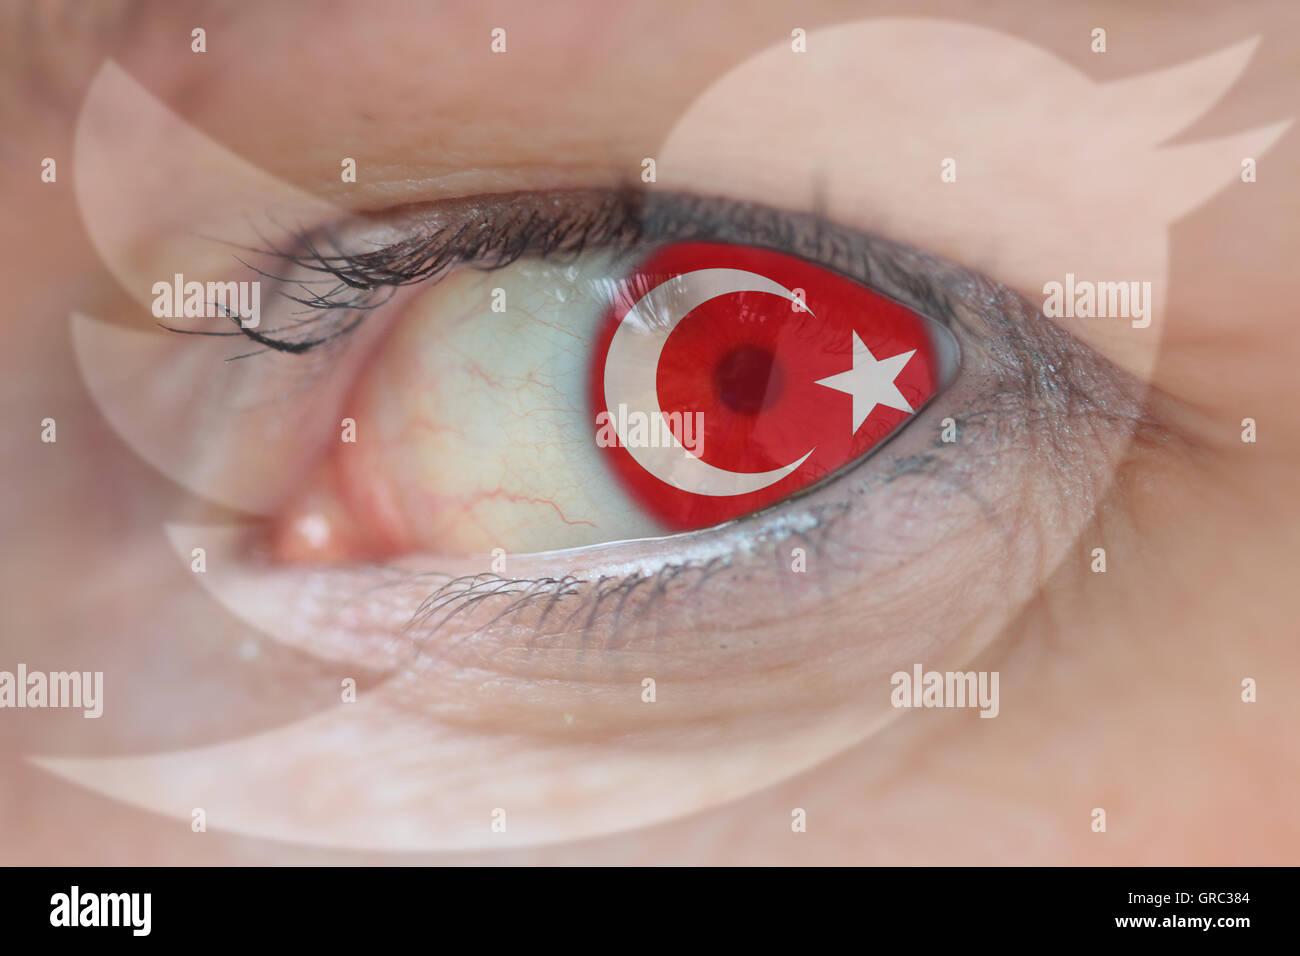 Türkisches Auge Stockfotos und -bilder Kaufen - Alamy